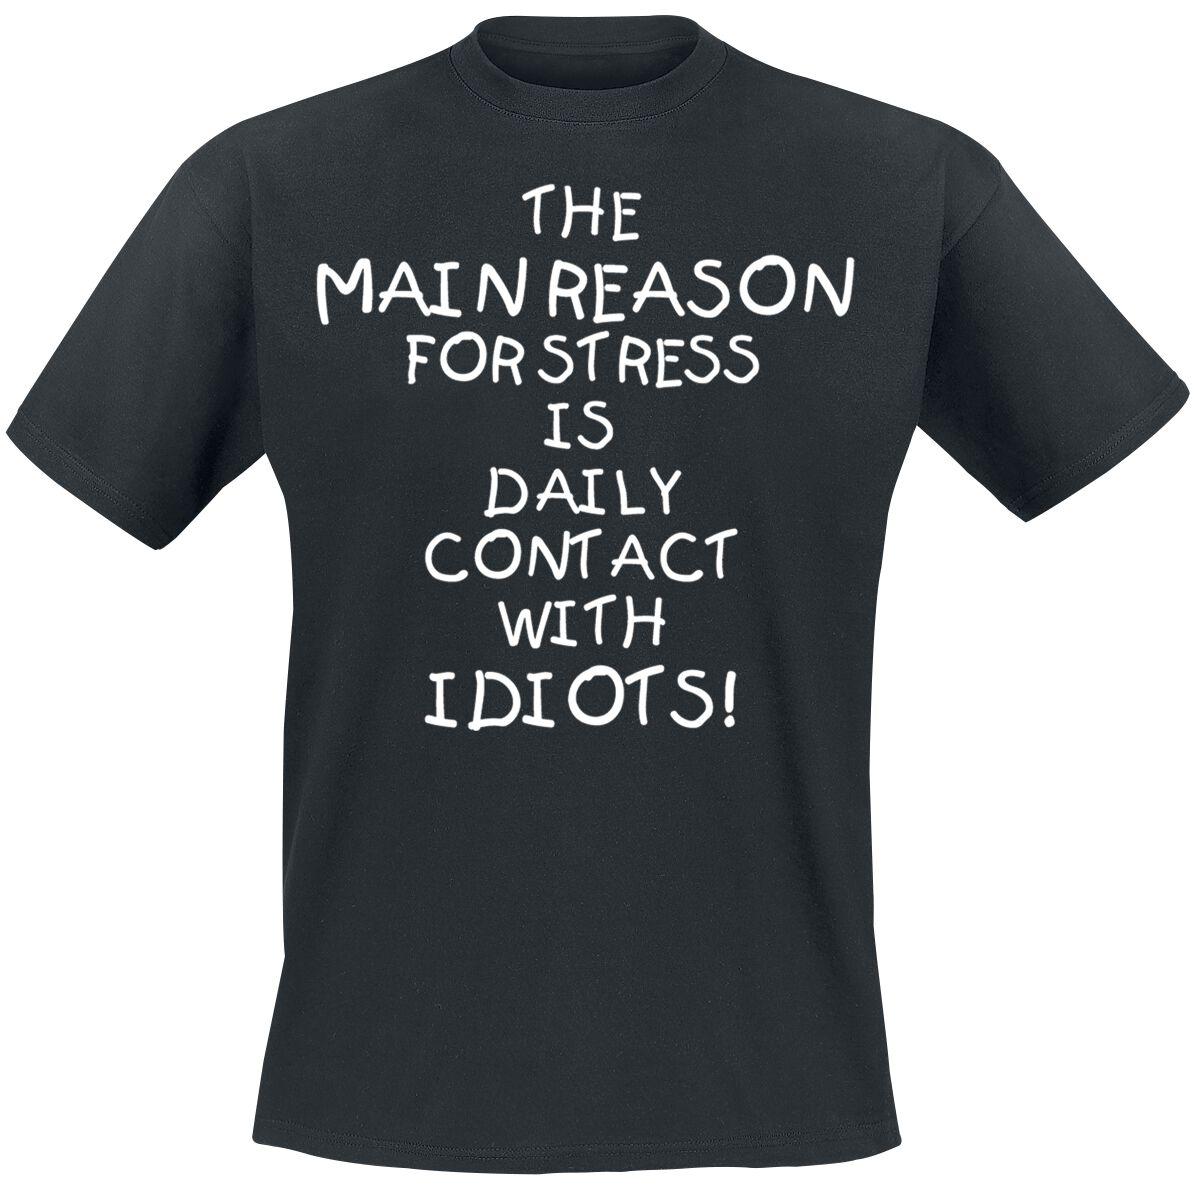 Fun Shirts - Koszulki - T-Shirt Idiots T-Shirt czarny - 352688